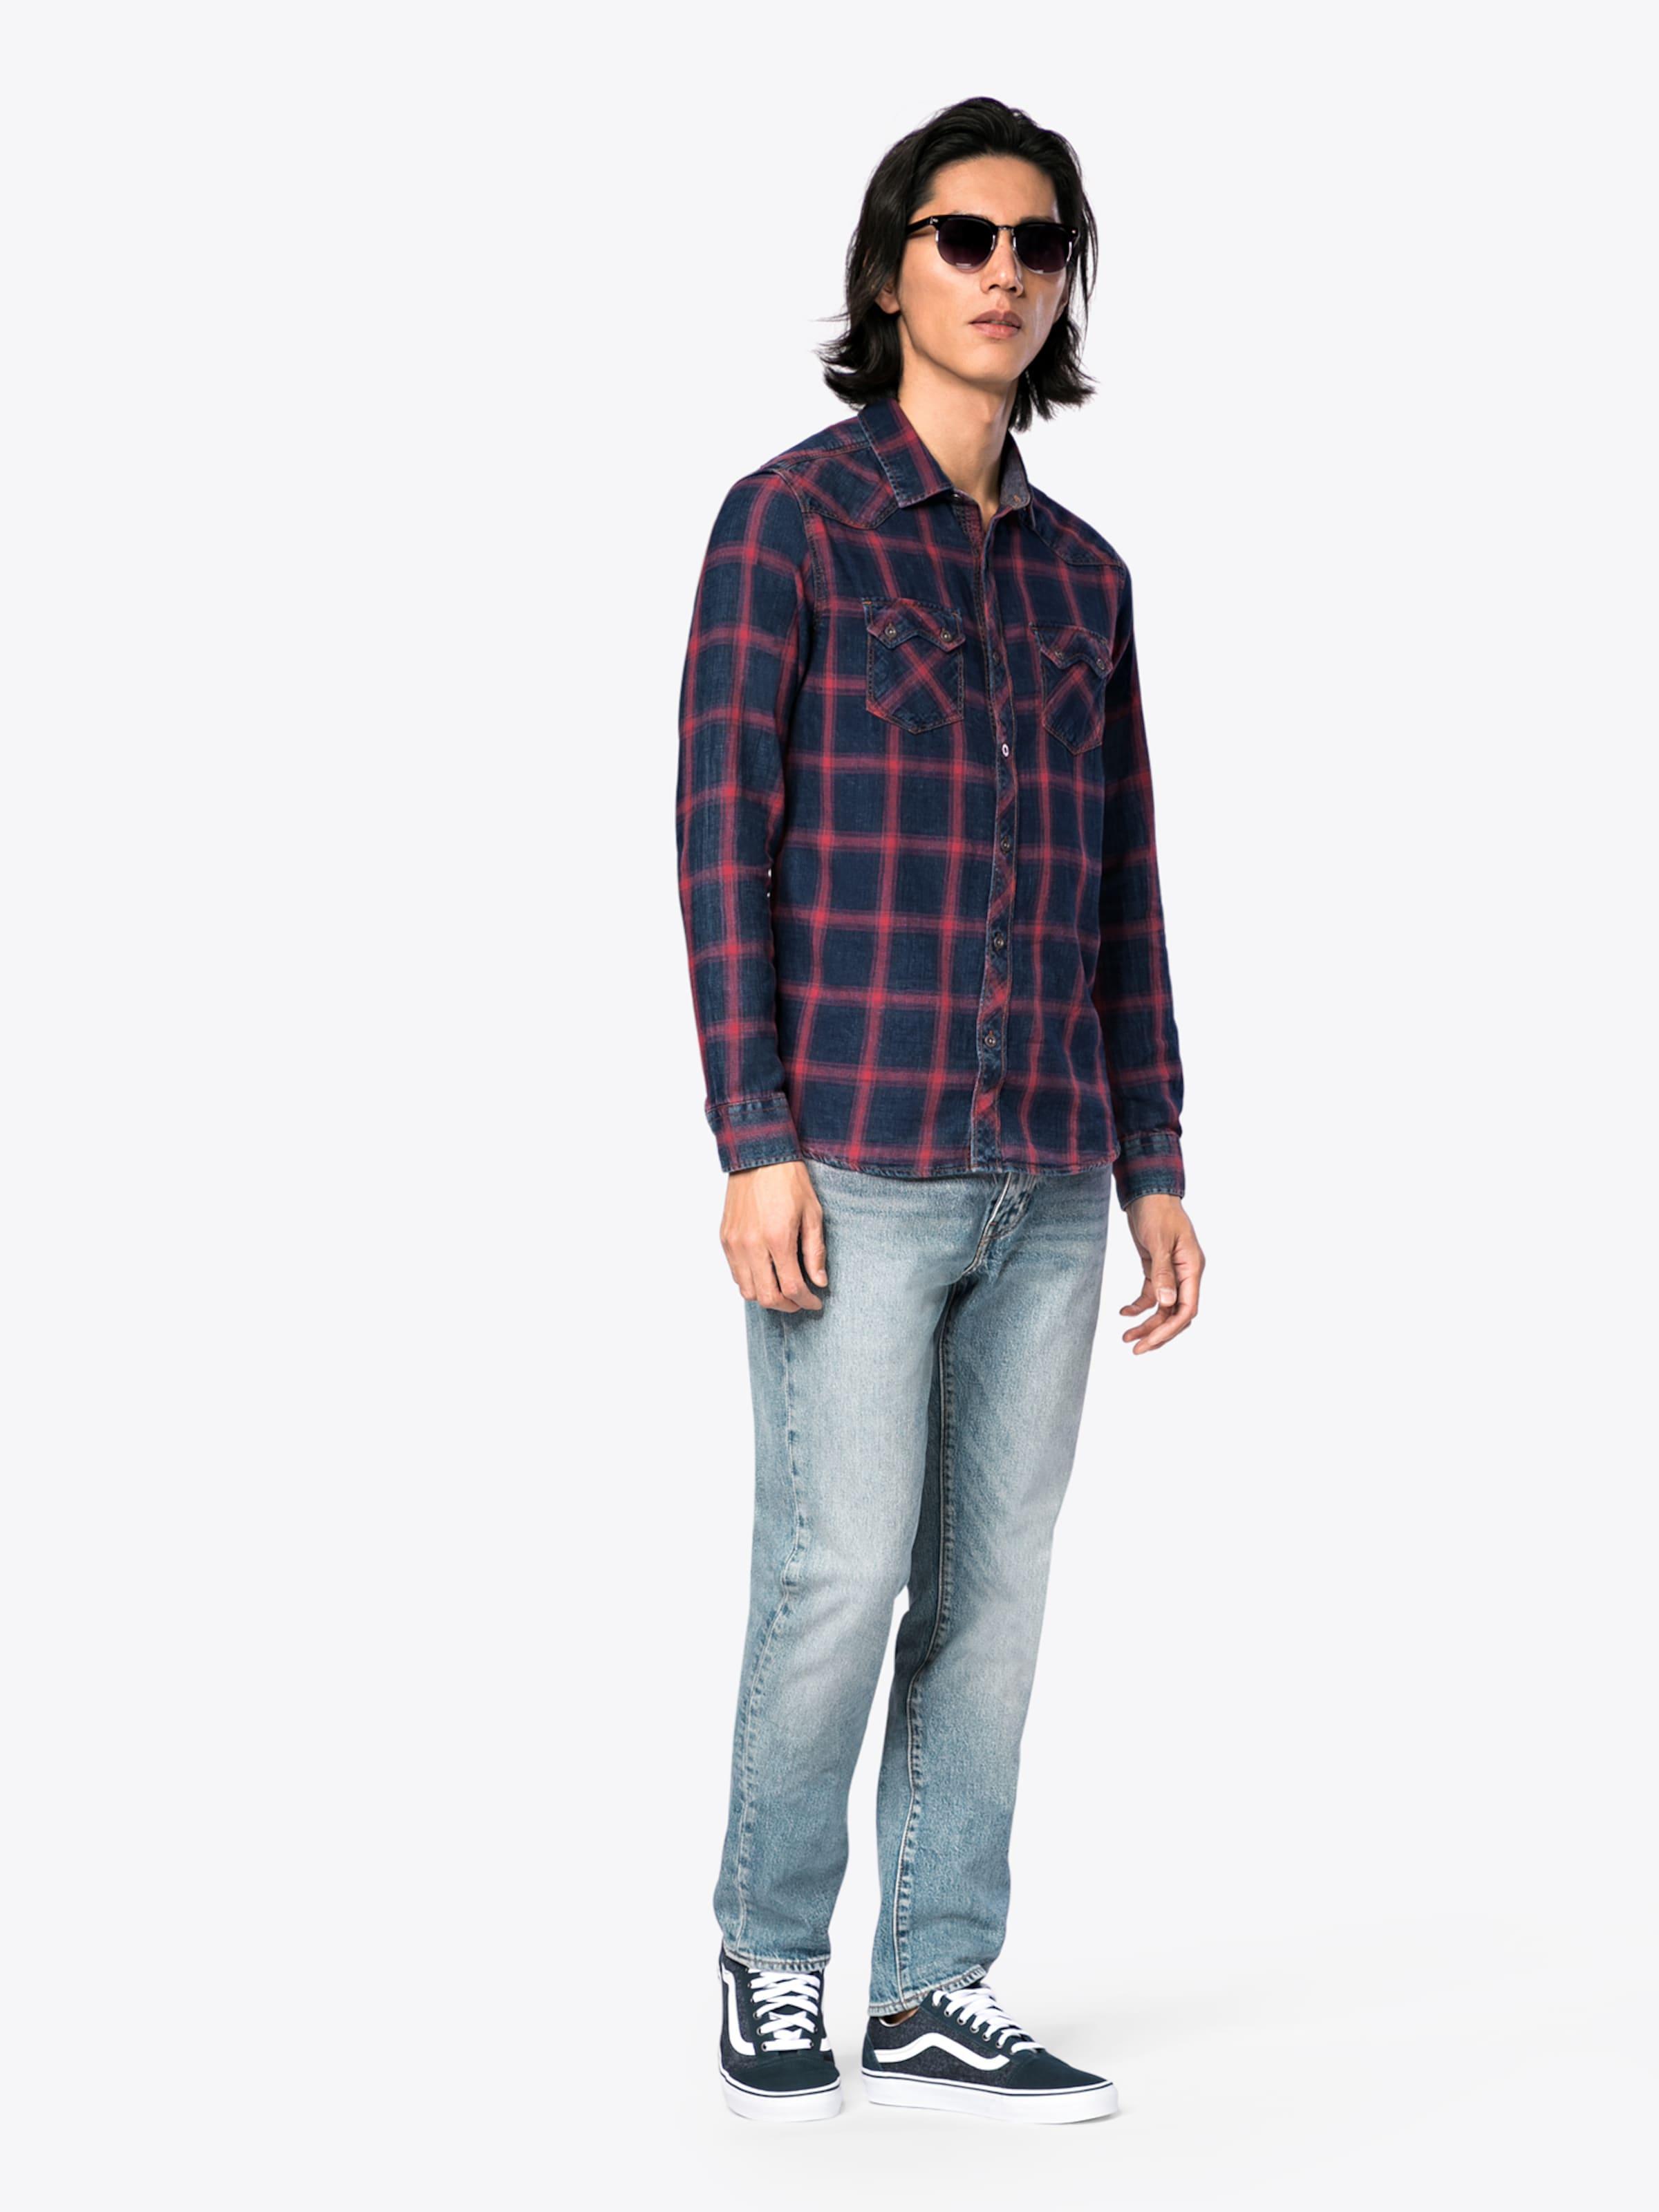 Billig Verkaufen Gefälschte Nicekicks Günstig Online Mavi Hemd 'INDIGO CHECK SHIRT' Für Schöne Online 2018 Zum Verkauf 3mE3gD